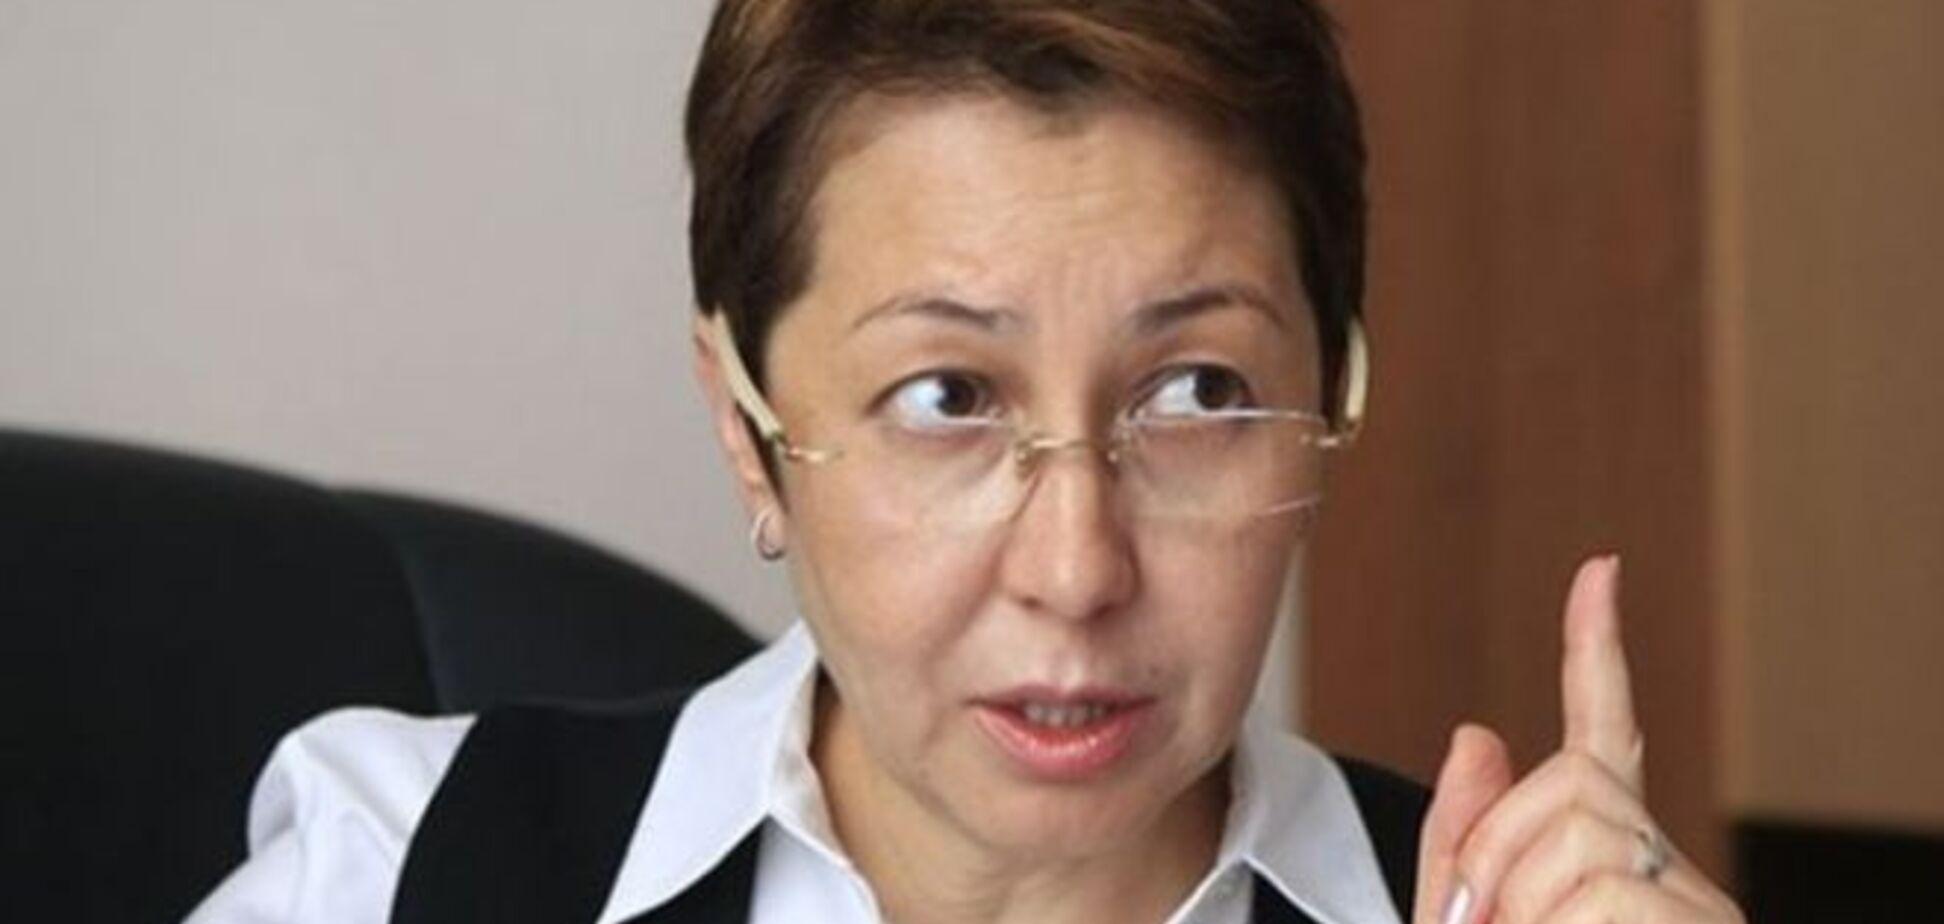 Глава Голосеевского райсуда: ВСУ не должен был согласовывать арест судей Печерского райсуда